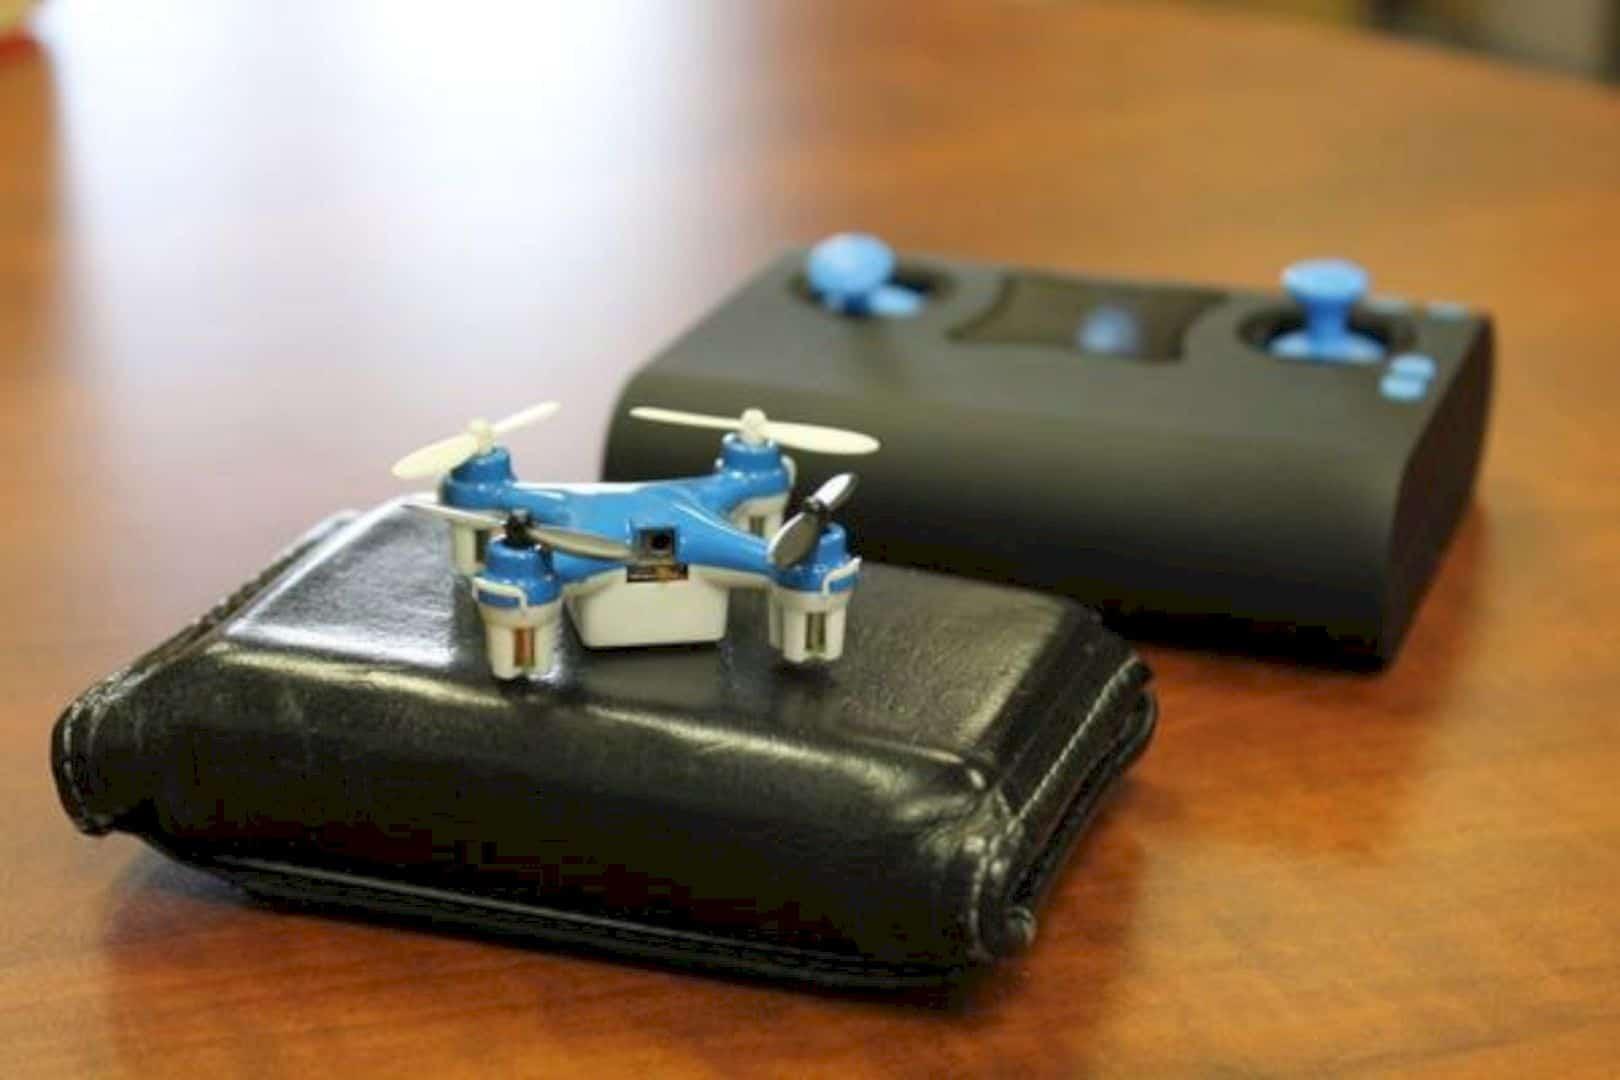 Aerix Wallet Drone 6